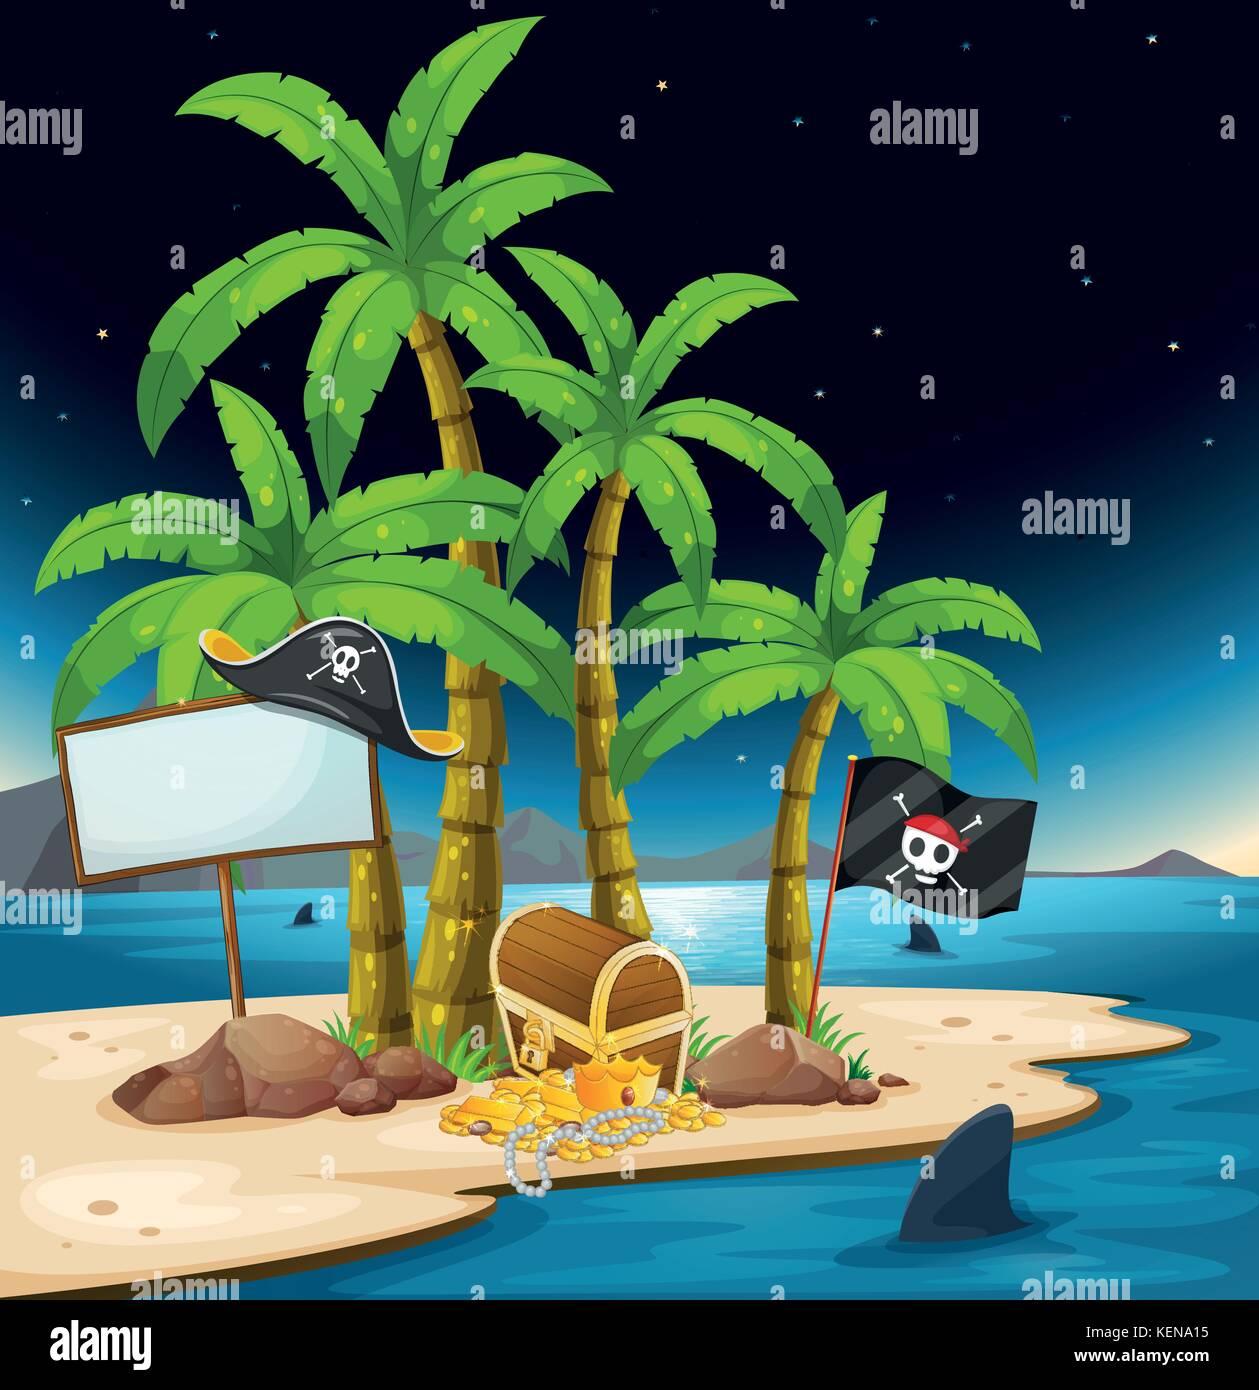 Pirate island